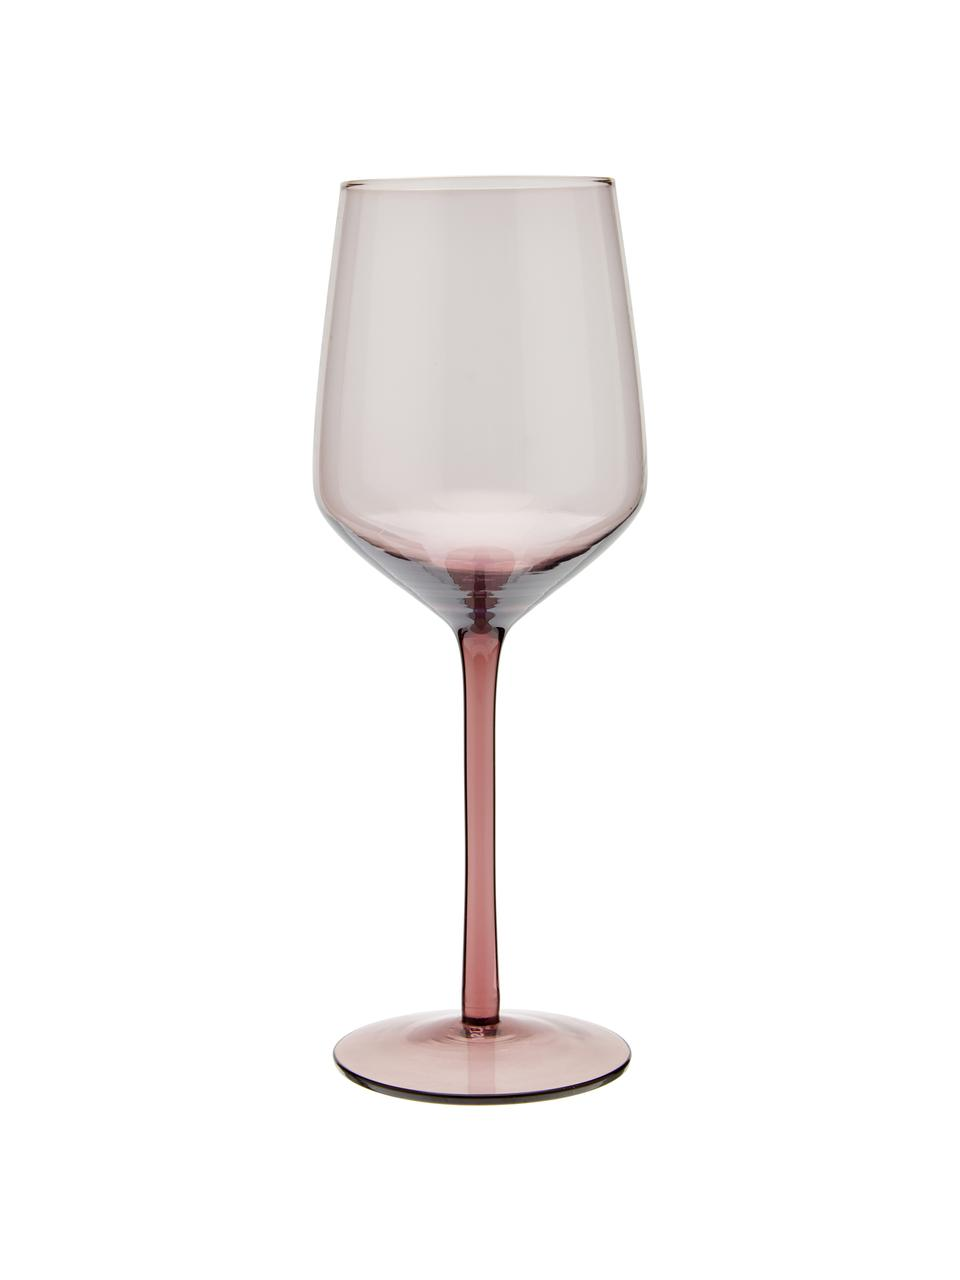 Komplet dużych kieliszków do wina ze szkła dmuchanego Desigual, 6 elem., Szkło dmuchane, Brązowy, odcienie różowego, zielony, żółty, lila, Ø 7 x W 24 cm